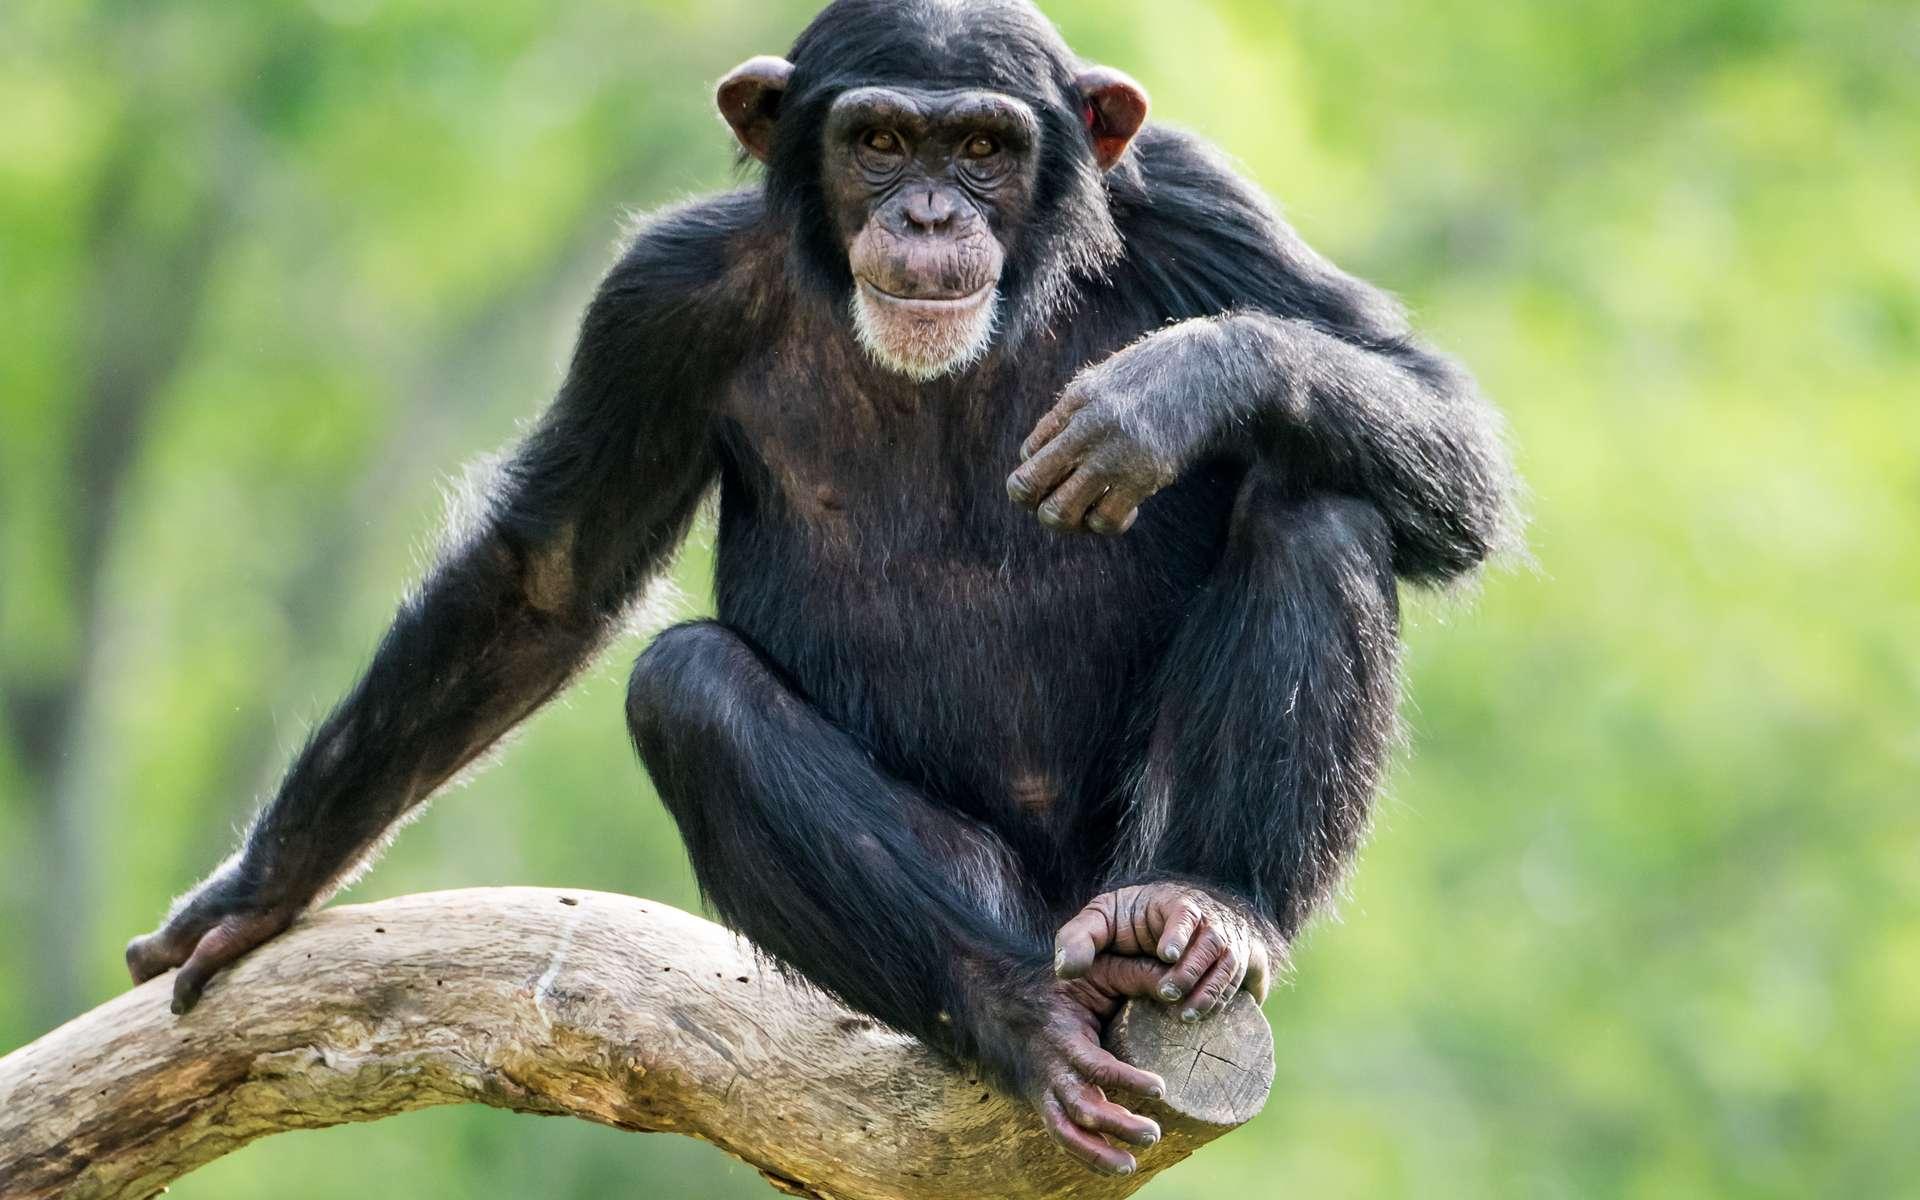 Les chimpanzés peuvent contracter la lèpre. © Abeselom Zerit, Adobe Stock